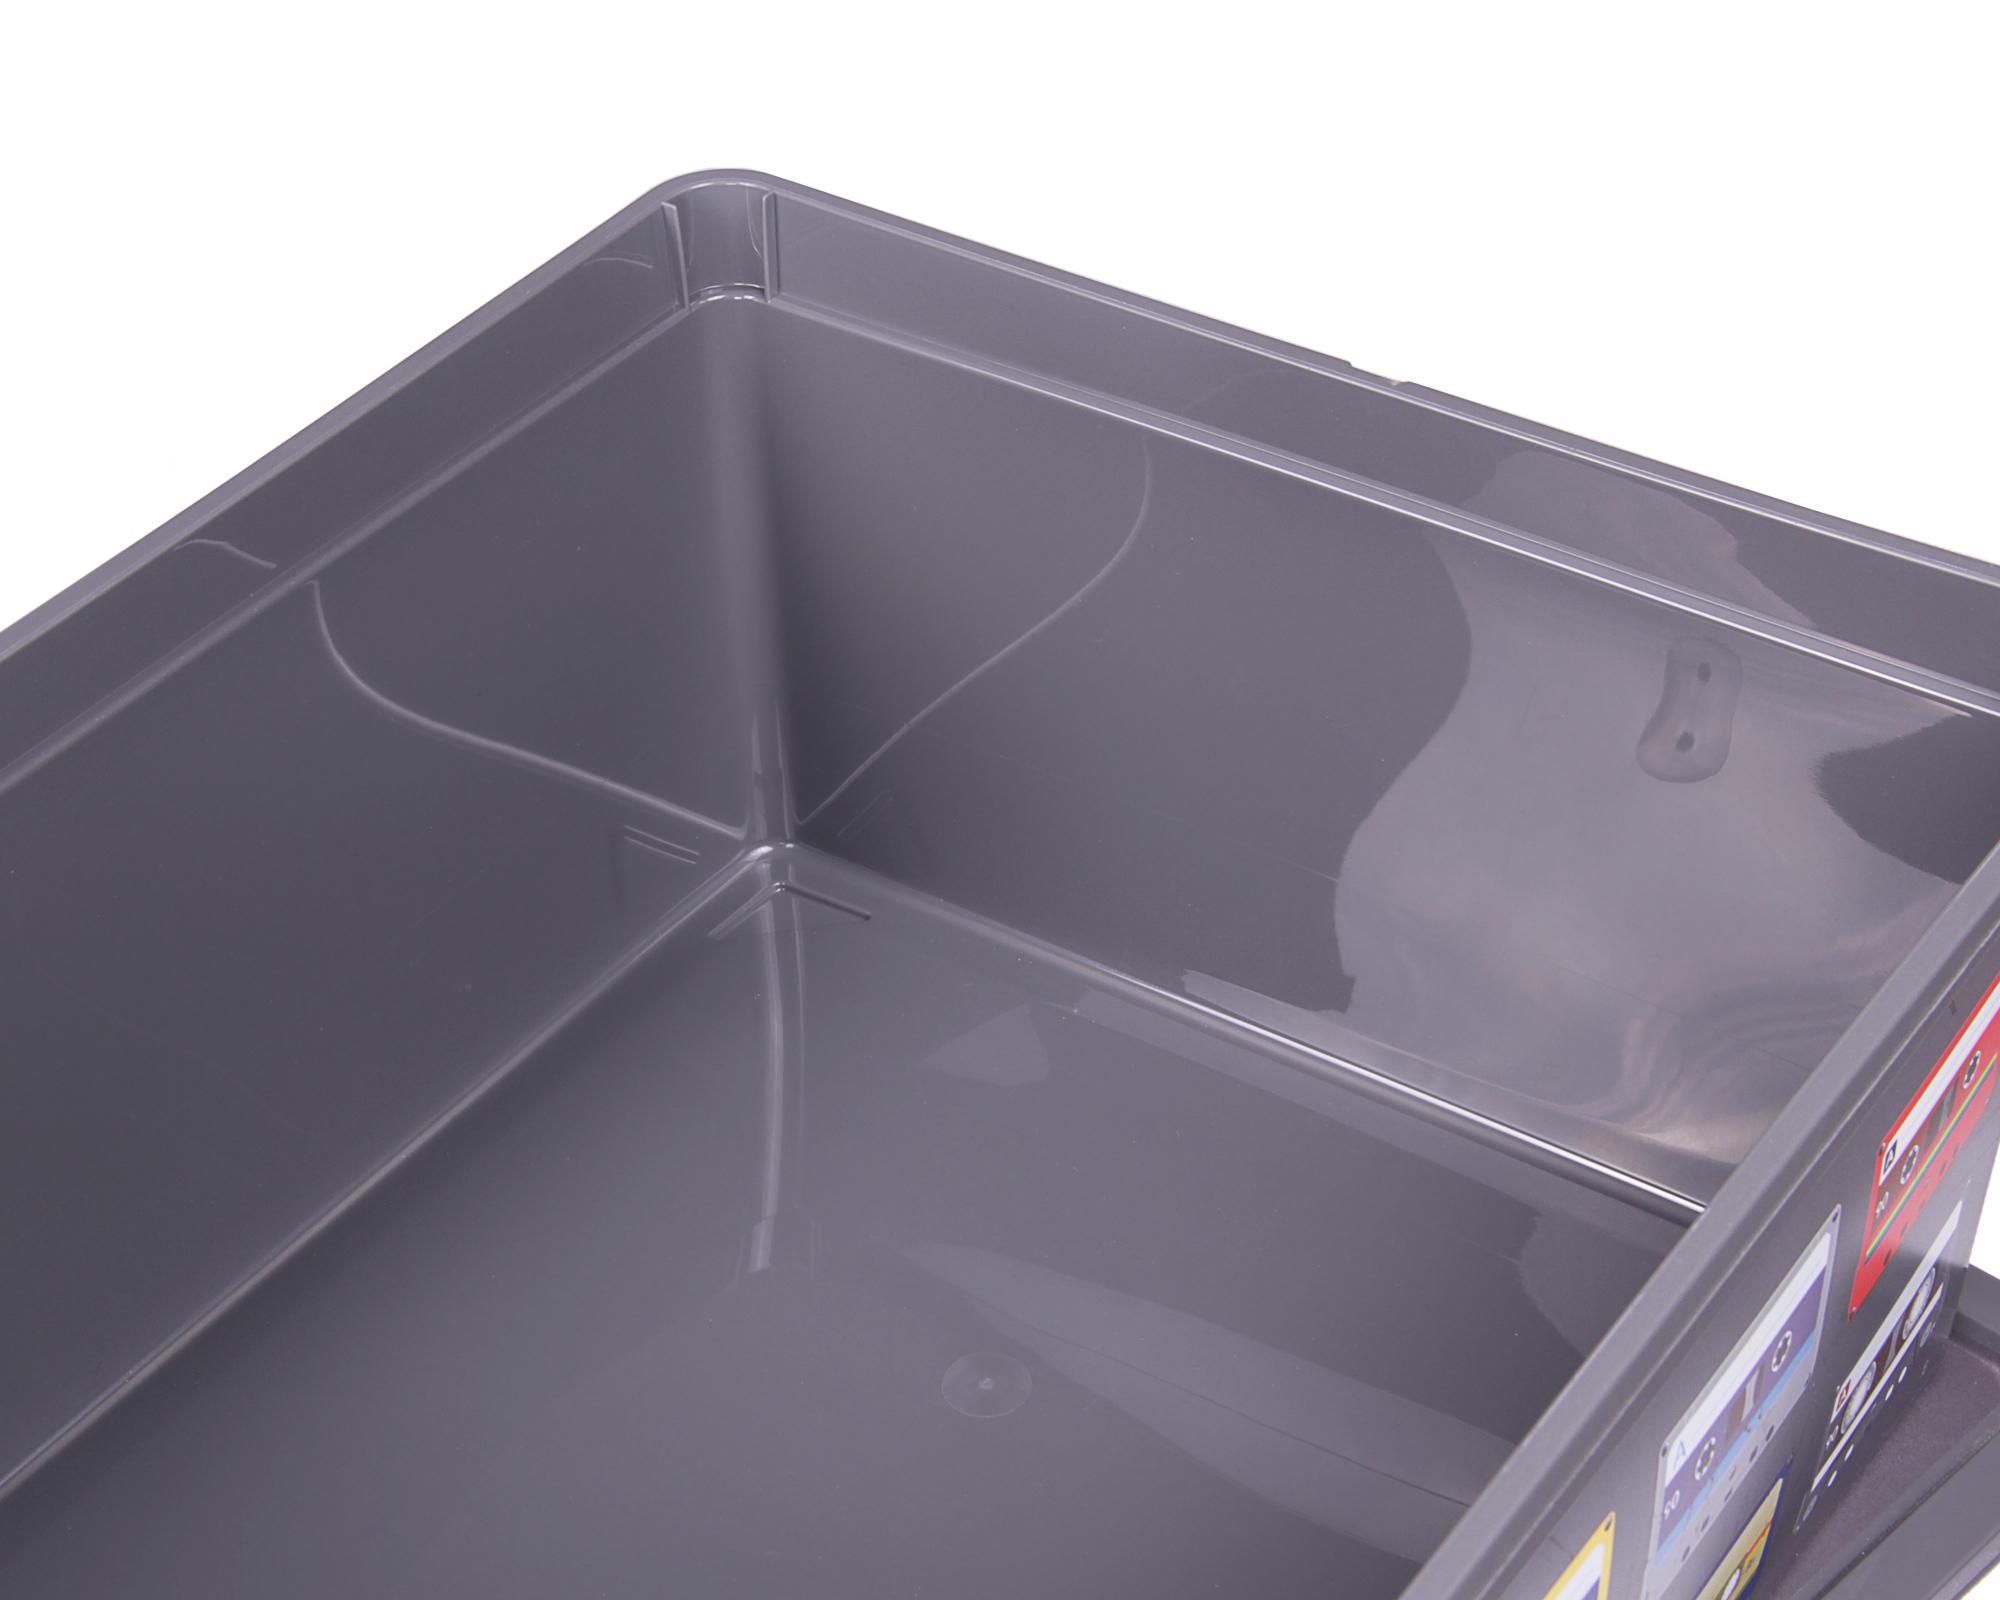 ondis24 aufbewahrungsbox style m retro design technik mit. Black Bedroom Furniture Sets. Home Design Ideas